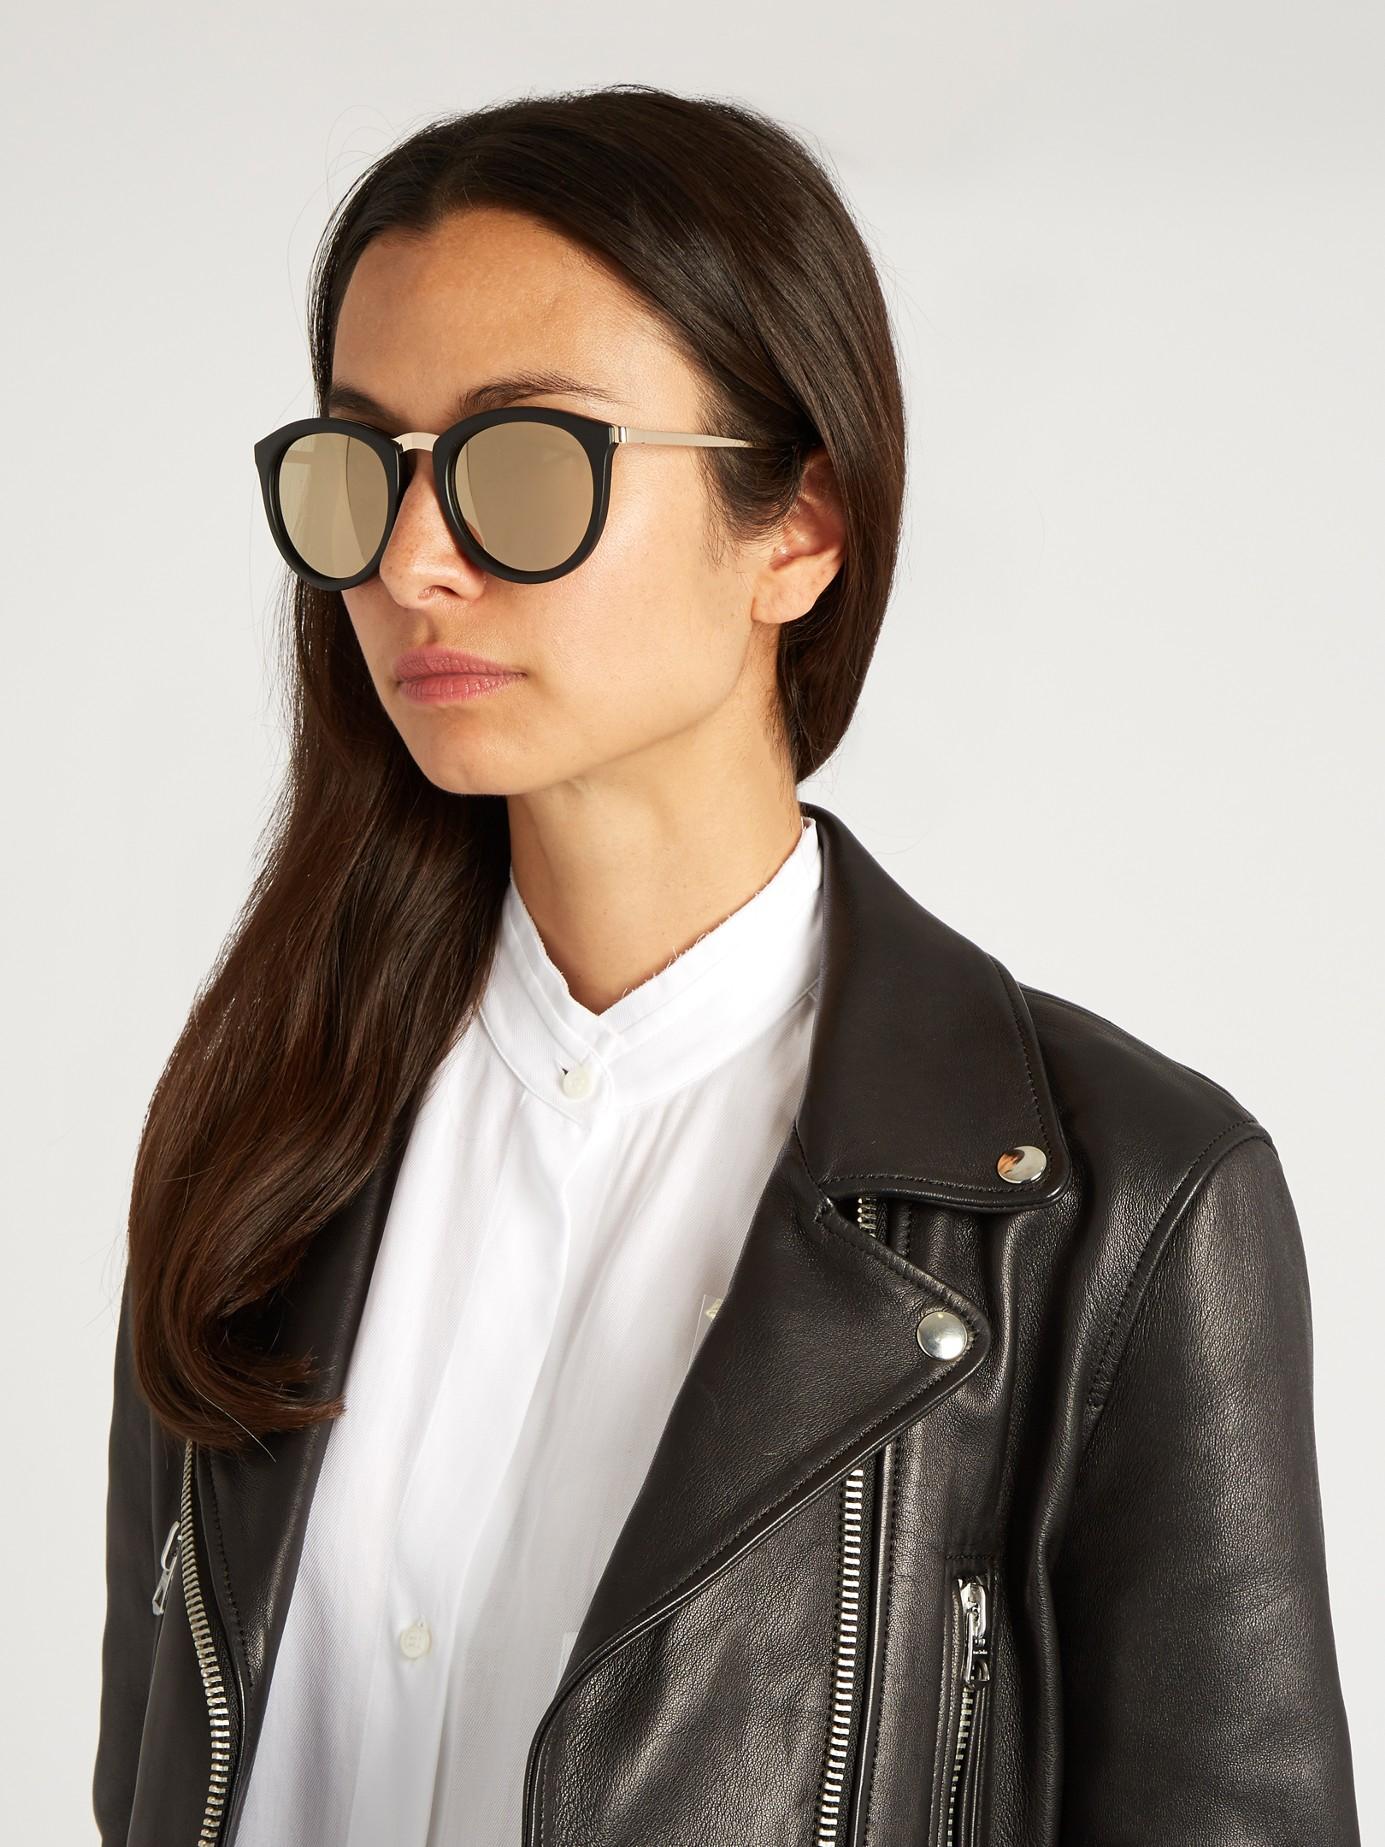 cb747fe50f1 Lyst - Le Specs No Smirking Round Sunglasses in Black